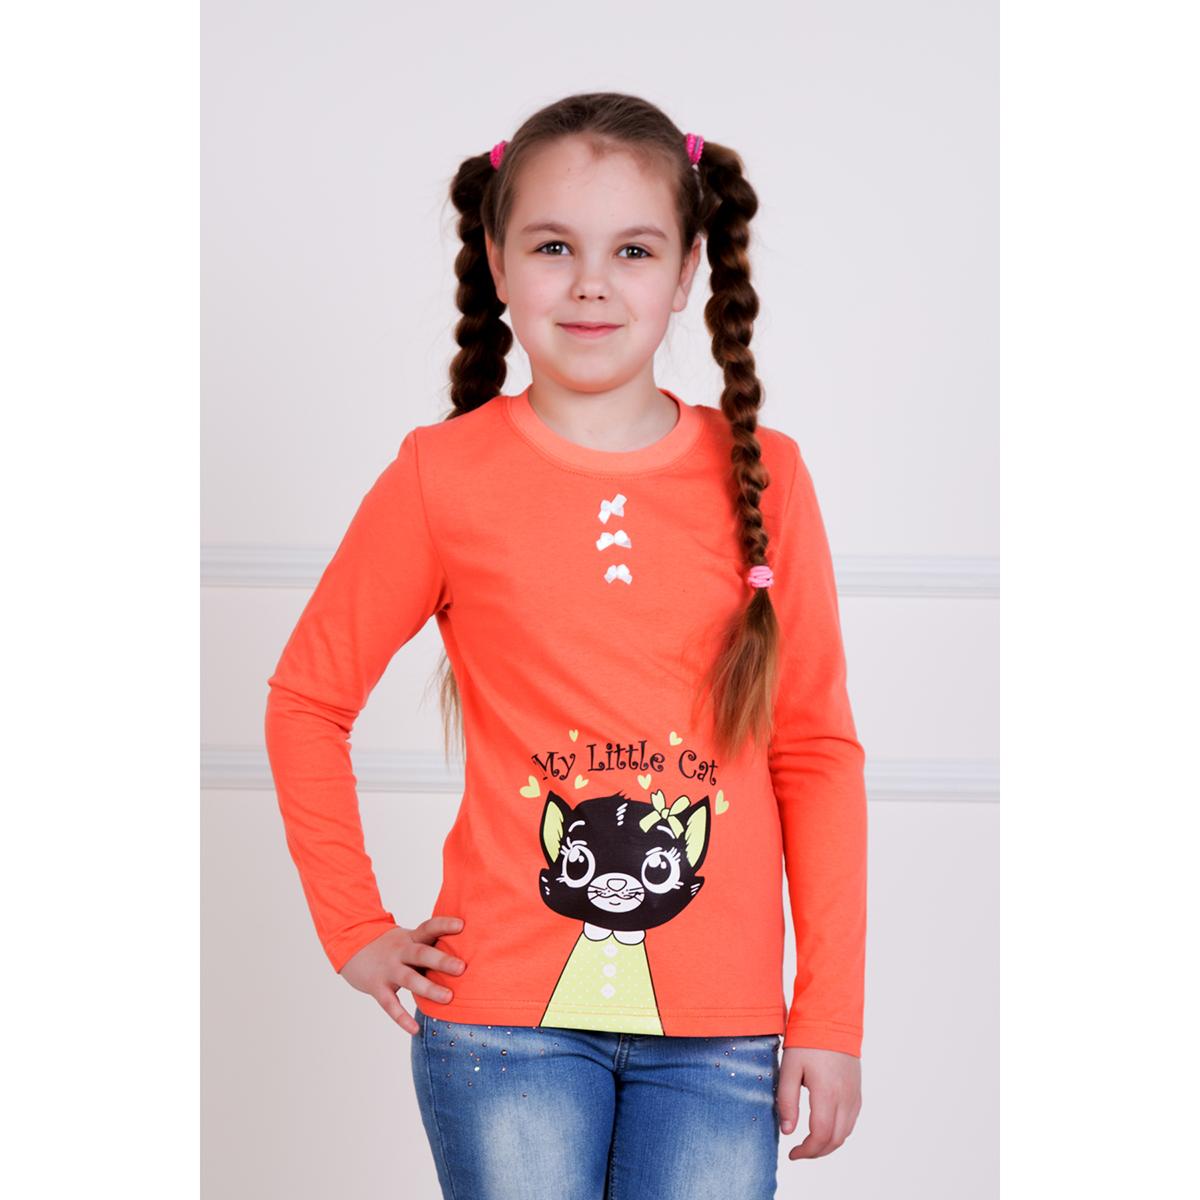 Детская футболка Кэт Оранжевый, размер 3 годаРаспродажа<br><br><br>Тип: Дет. футболка<br>Размер: 3 года<br>Материал: Кулирка